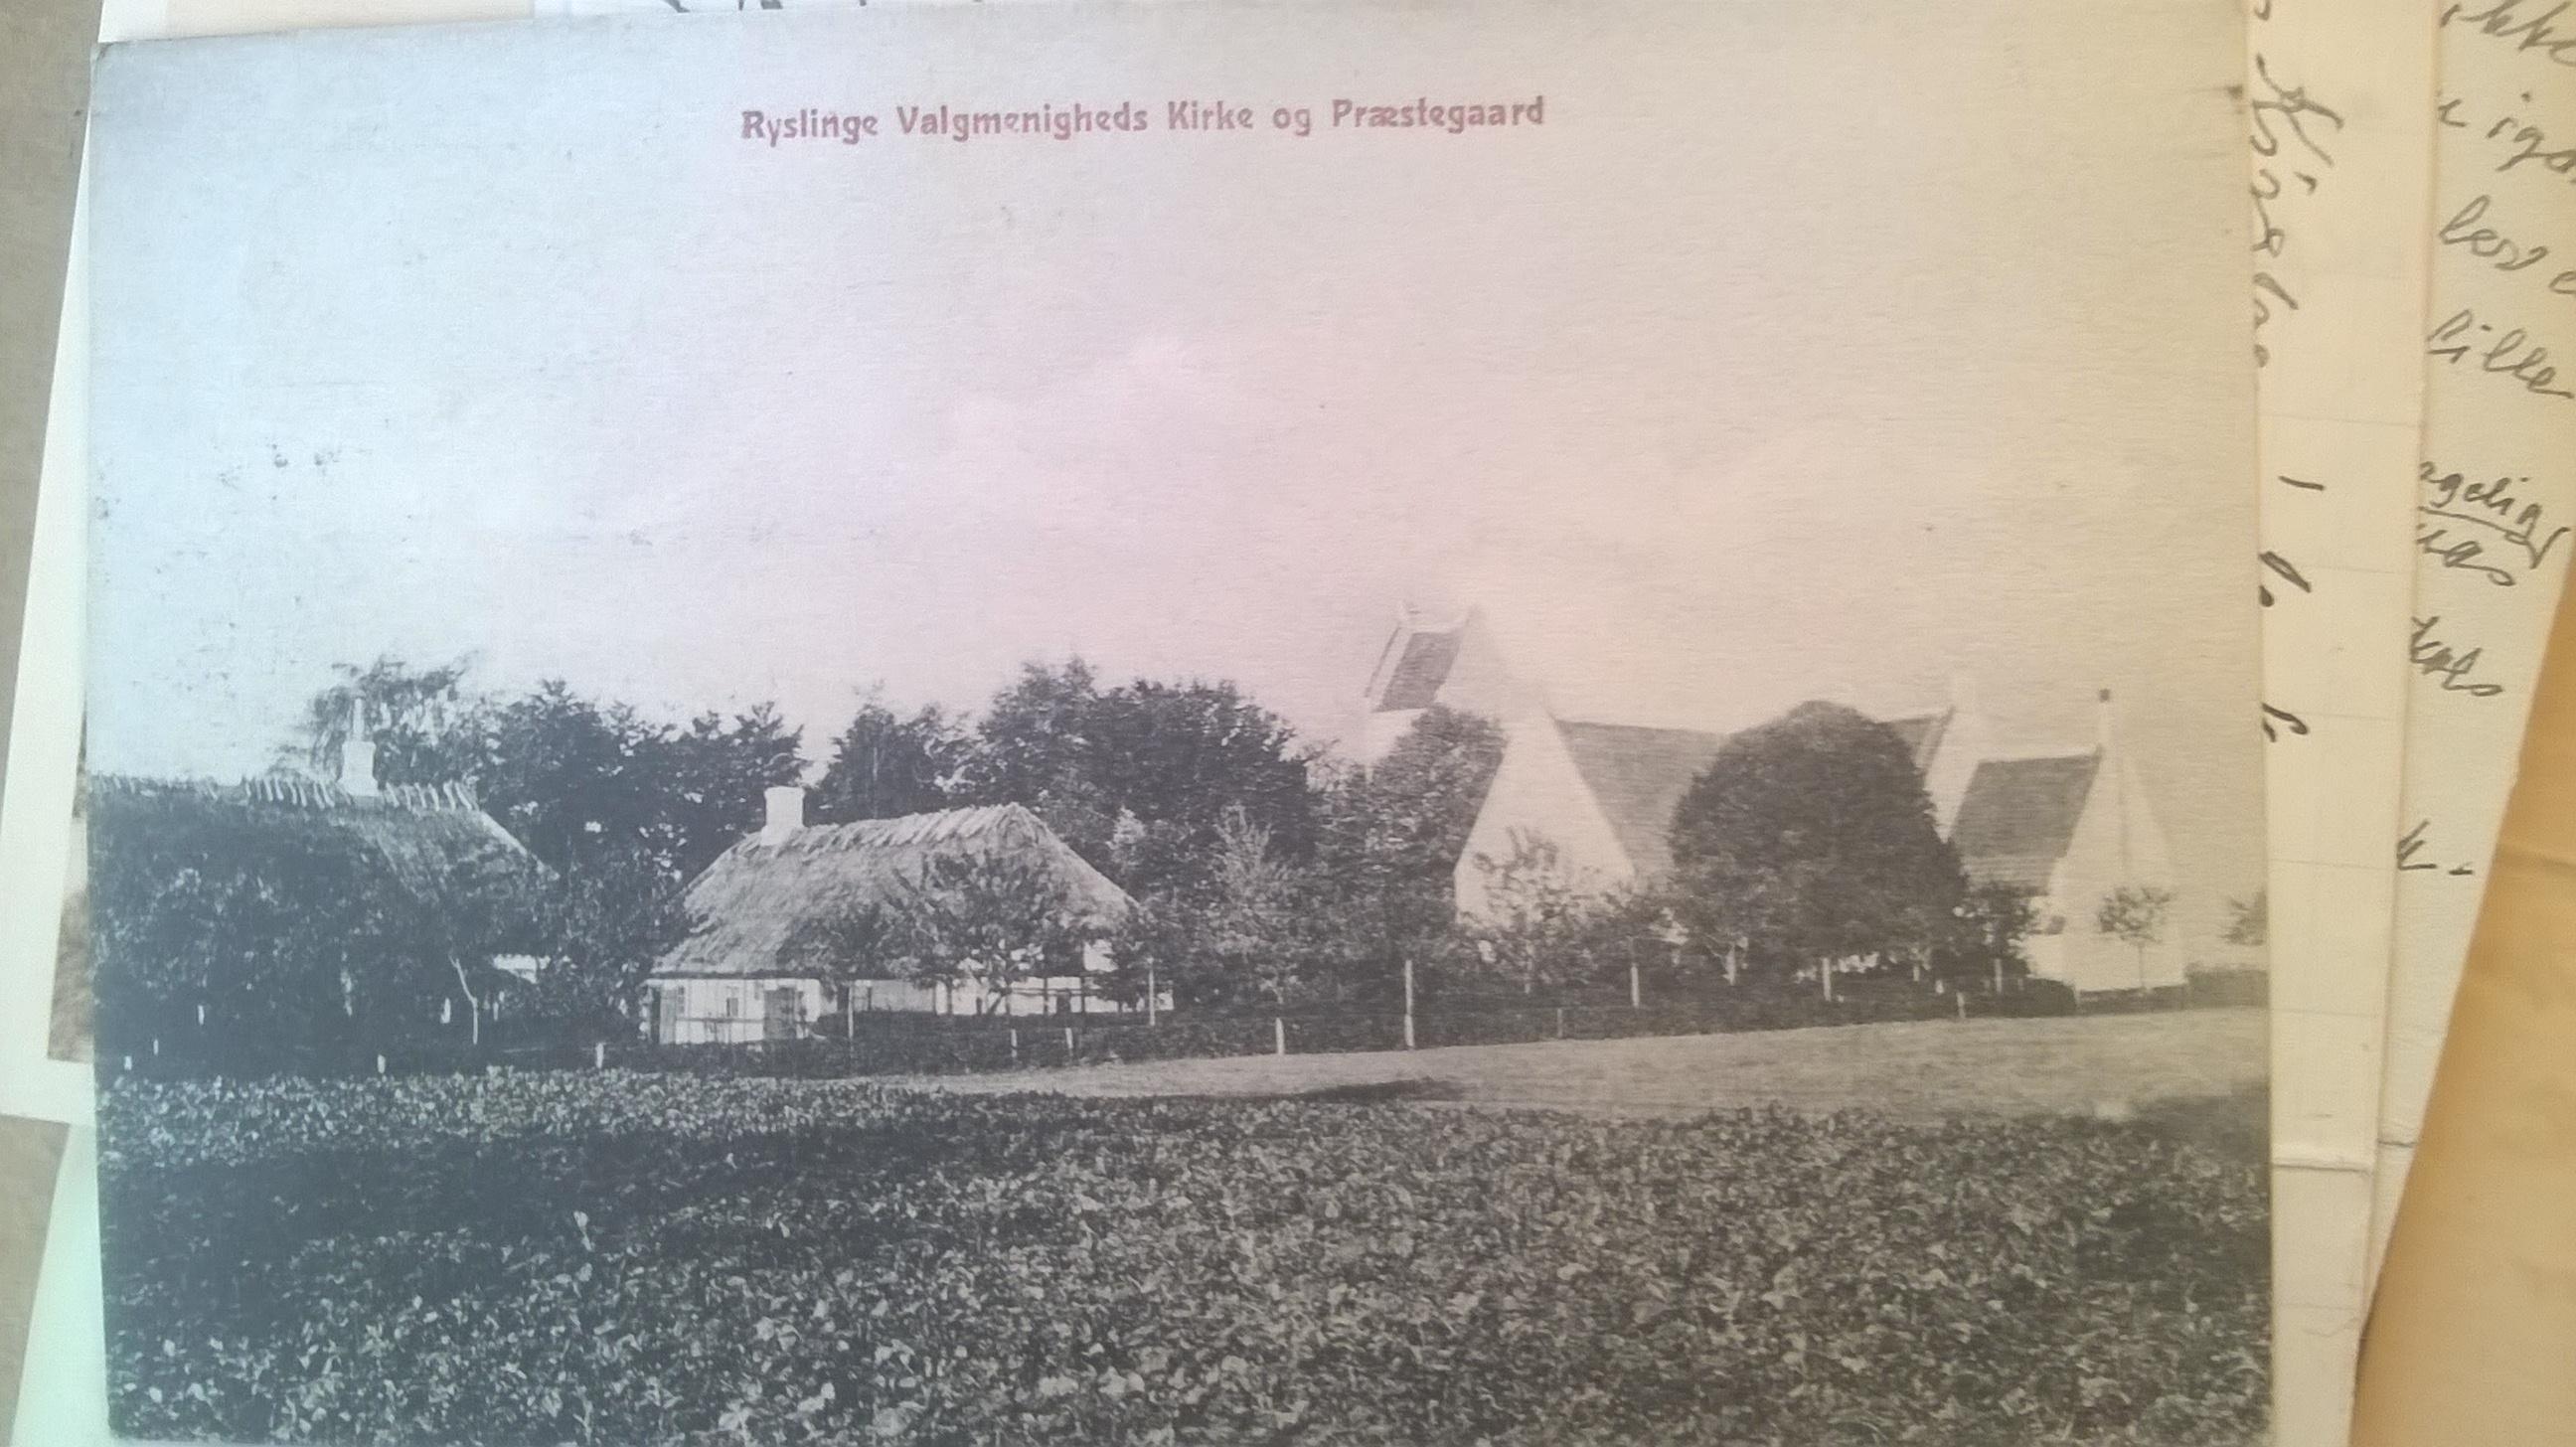 Ryslinge Valgmenighed og Præstegård ca 1910